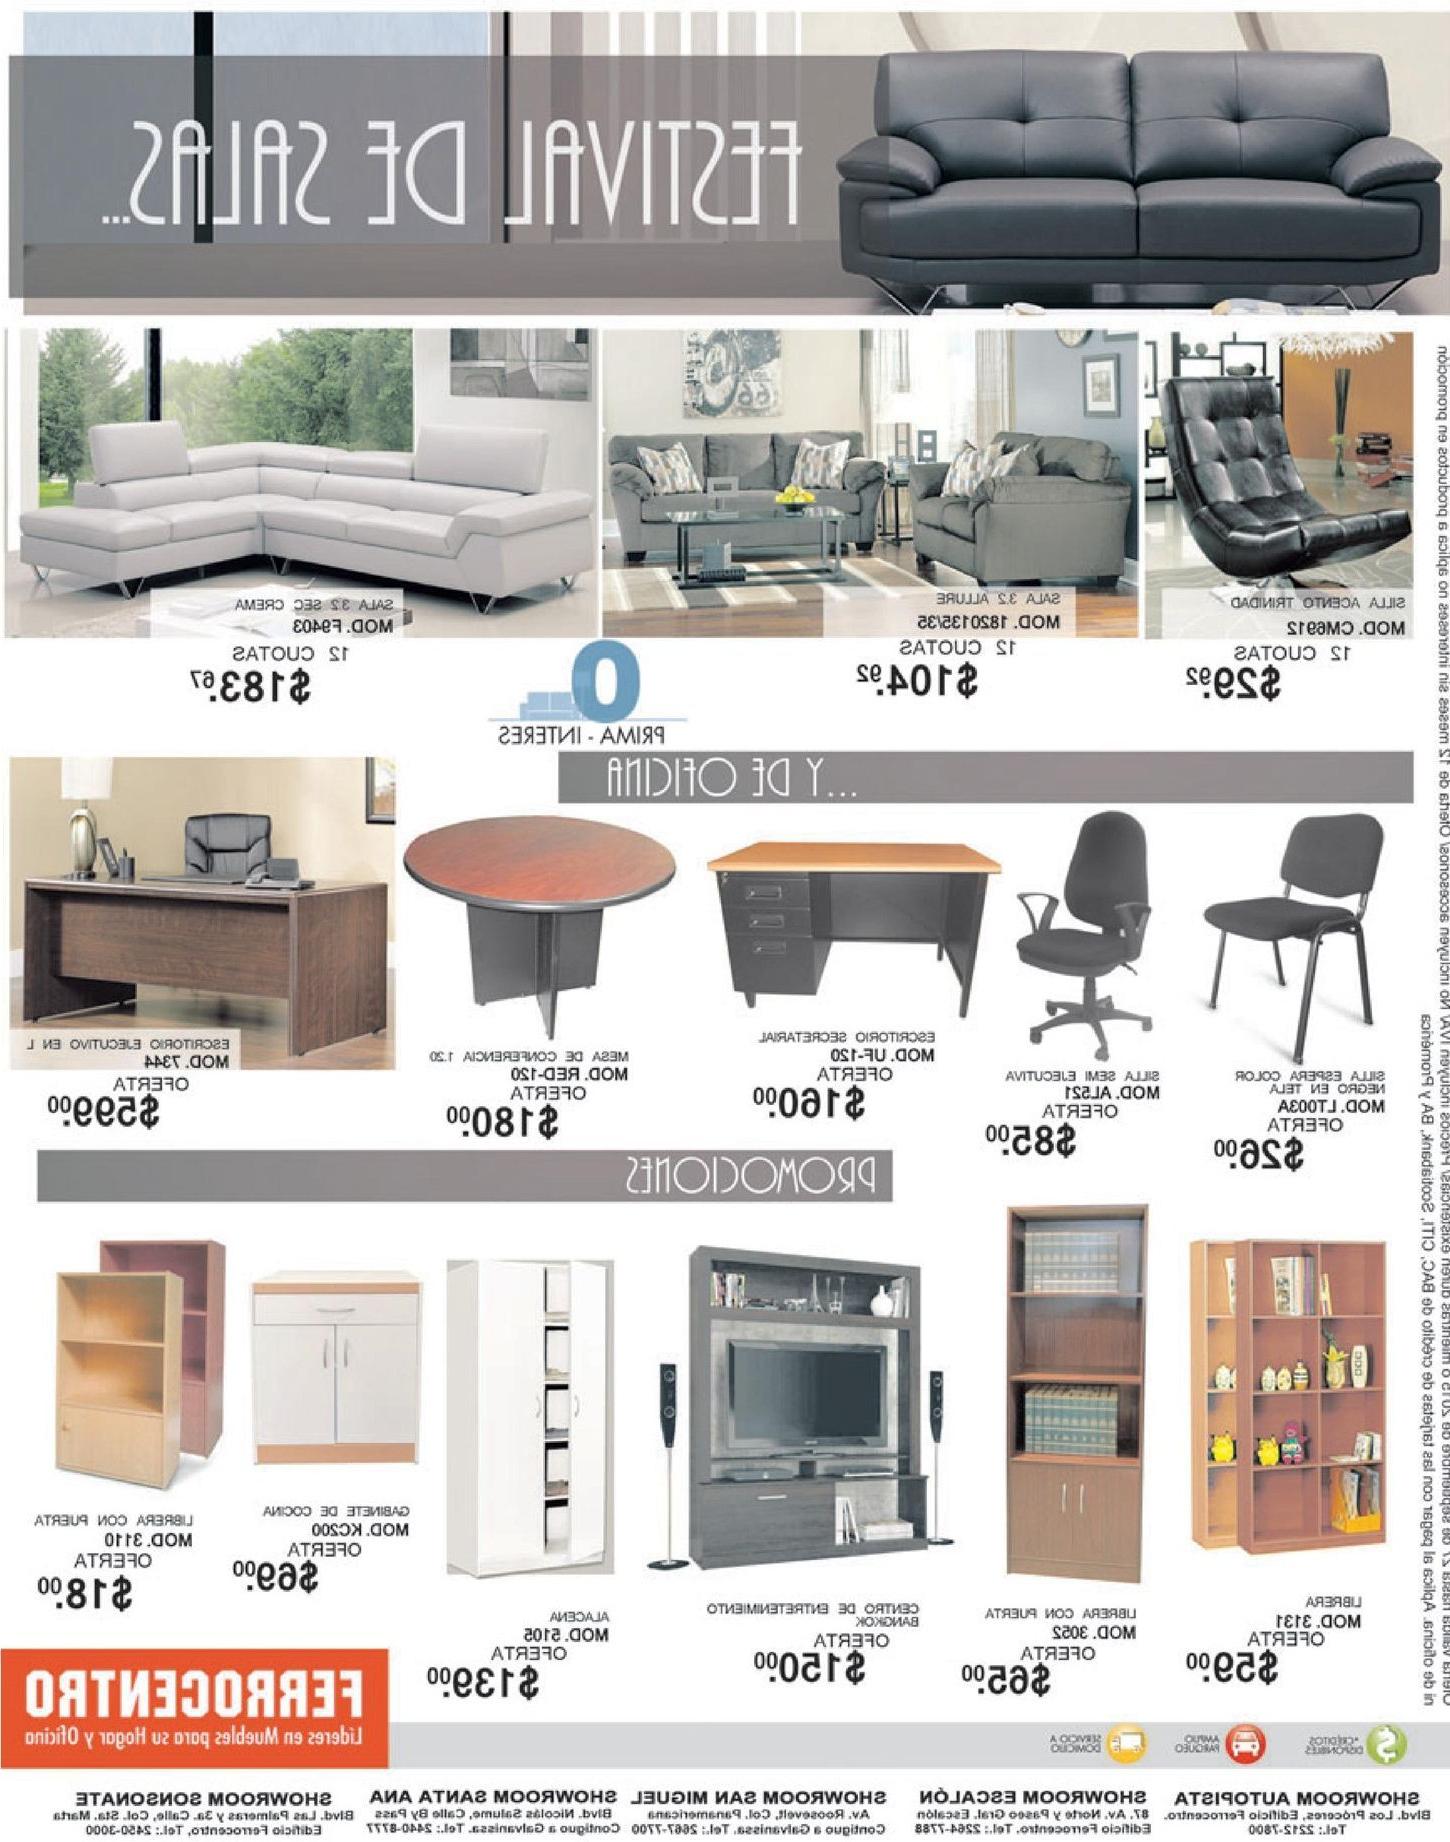 Muebles Salvador Kvdd Ferrocentro El Salvador Promociones En Muebles De Sala Y Ofcina